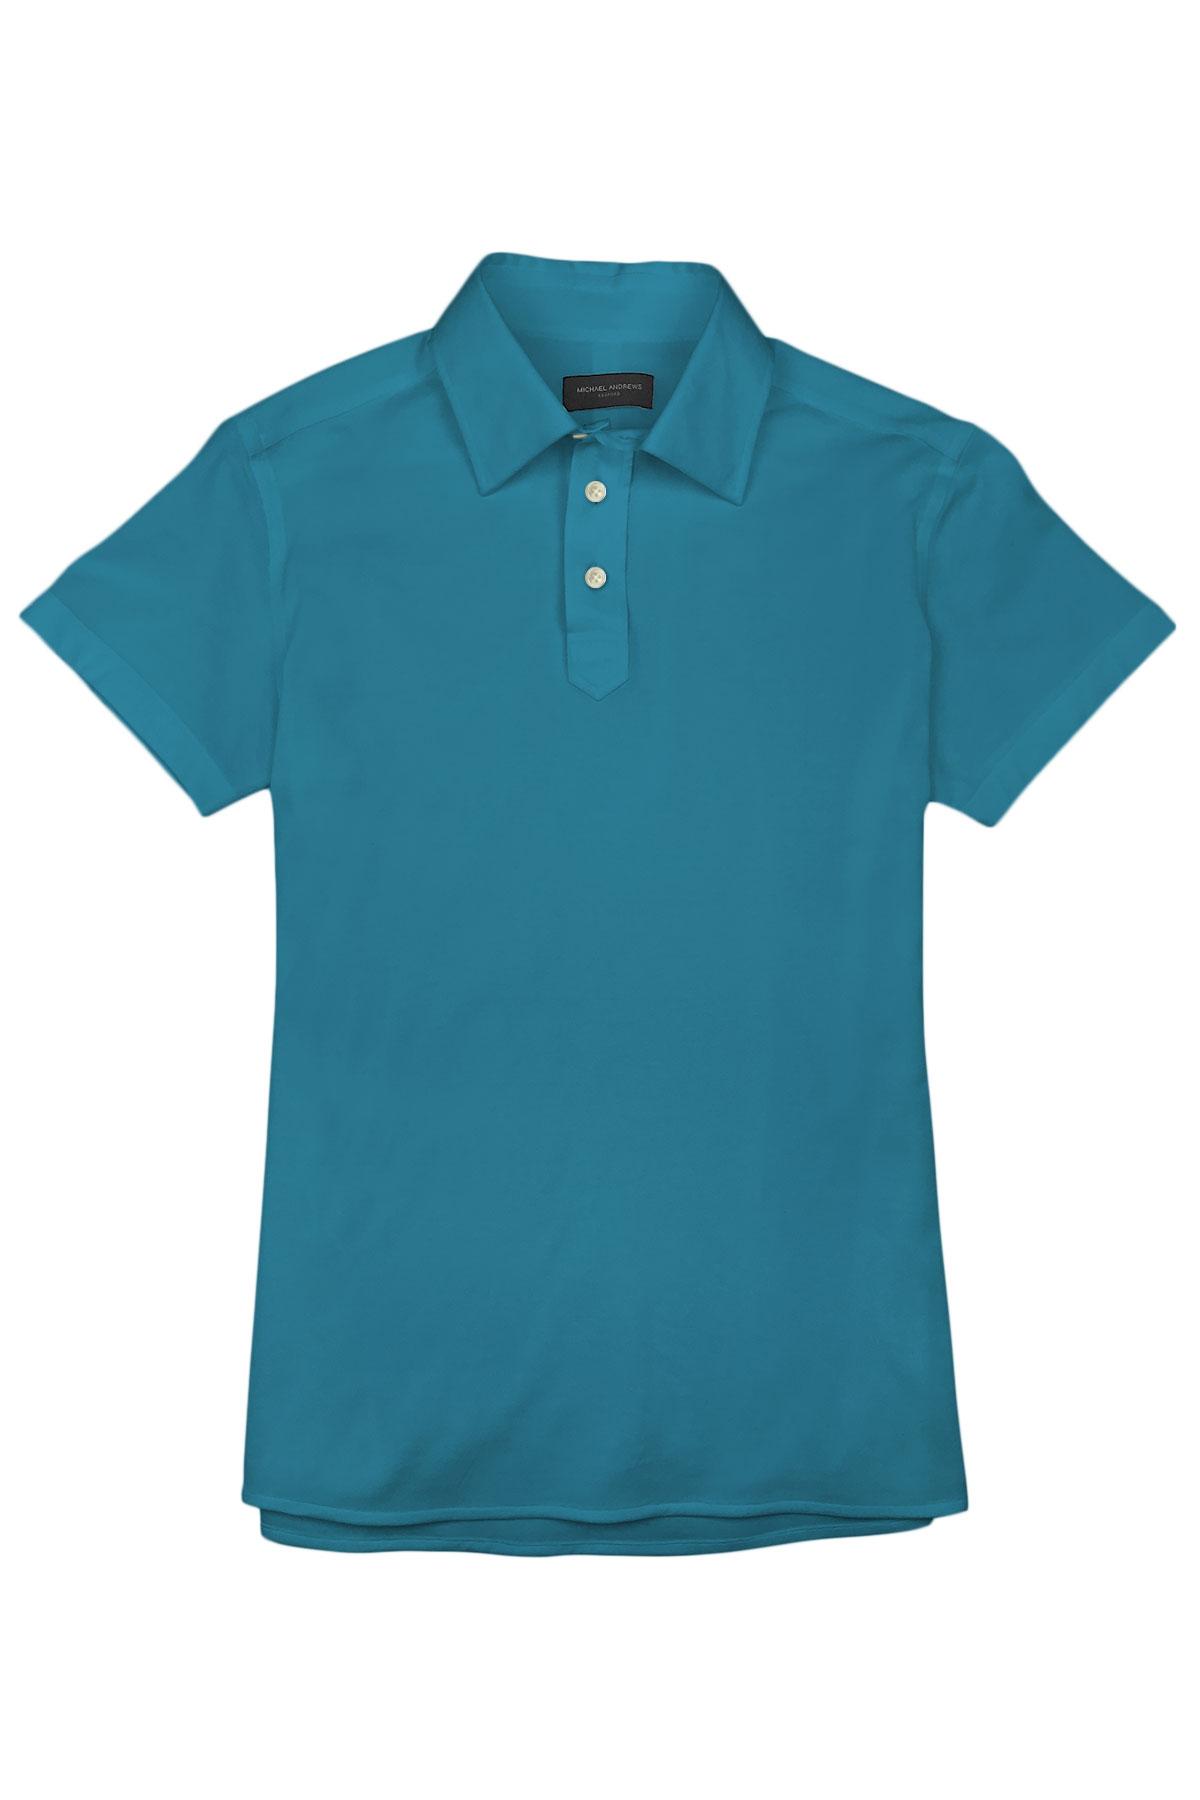 Teal Pique Polo Shirt